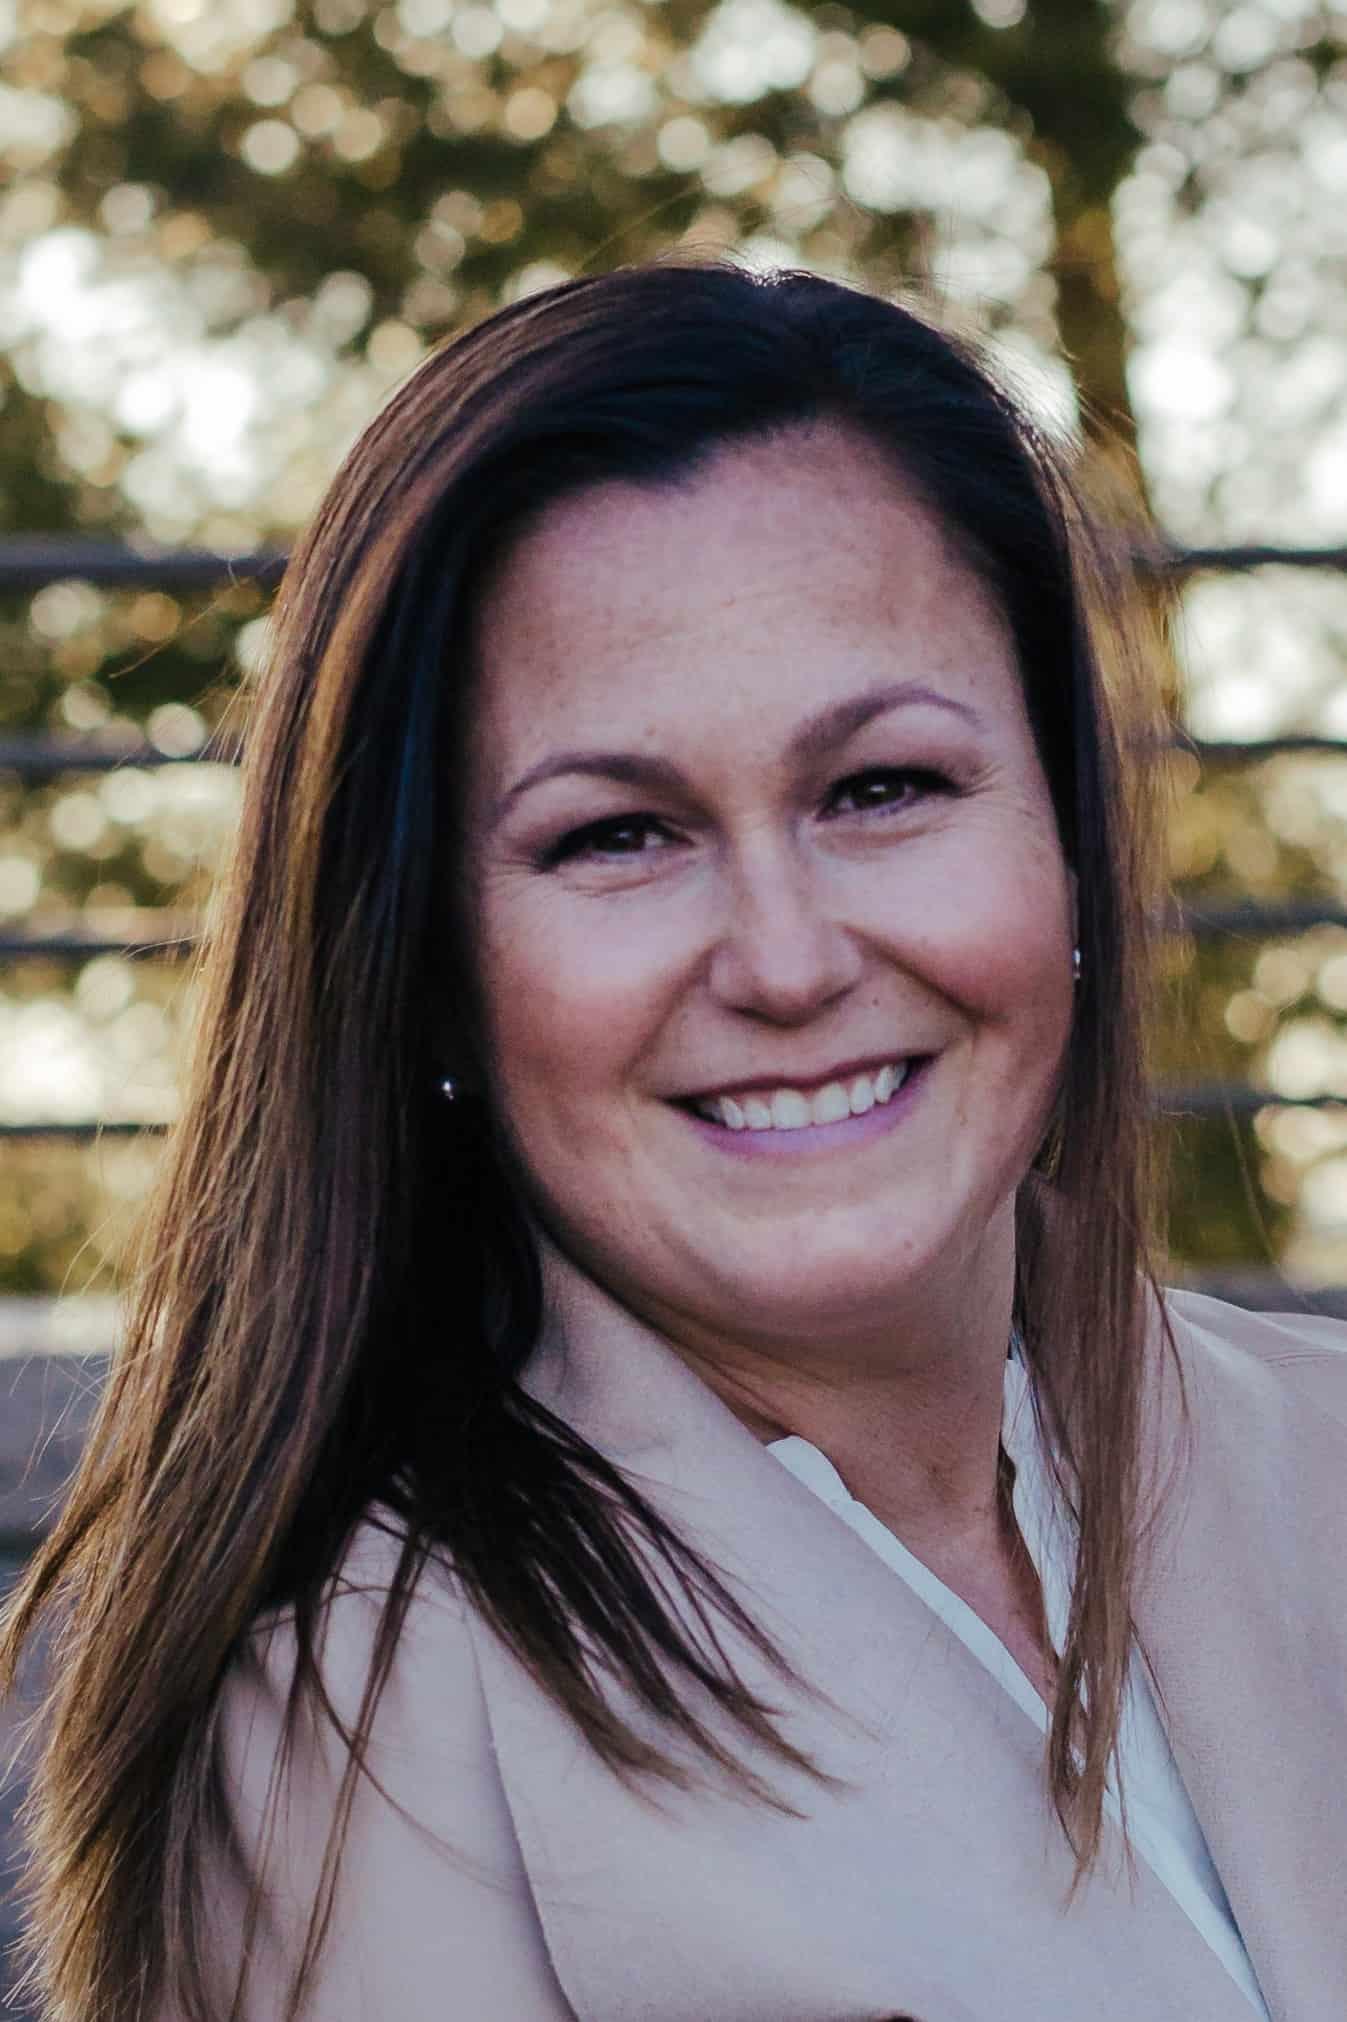 Sarah LaFlamme